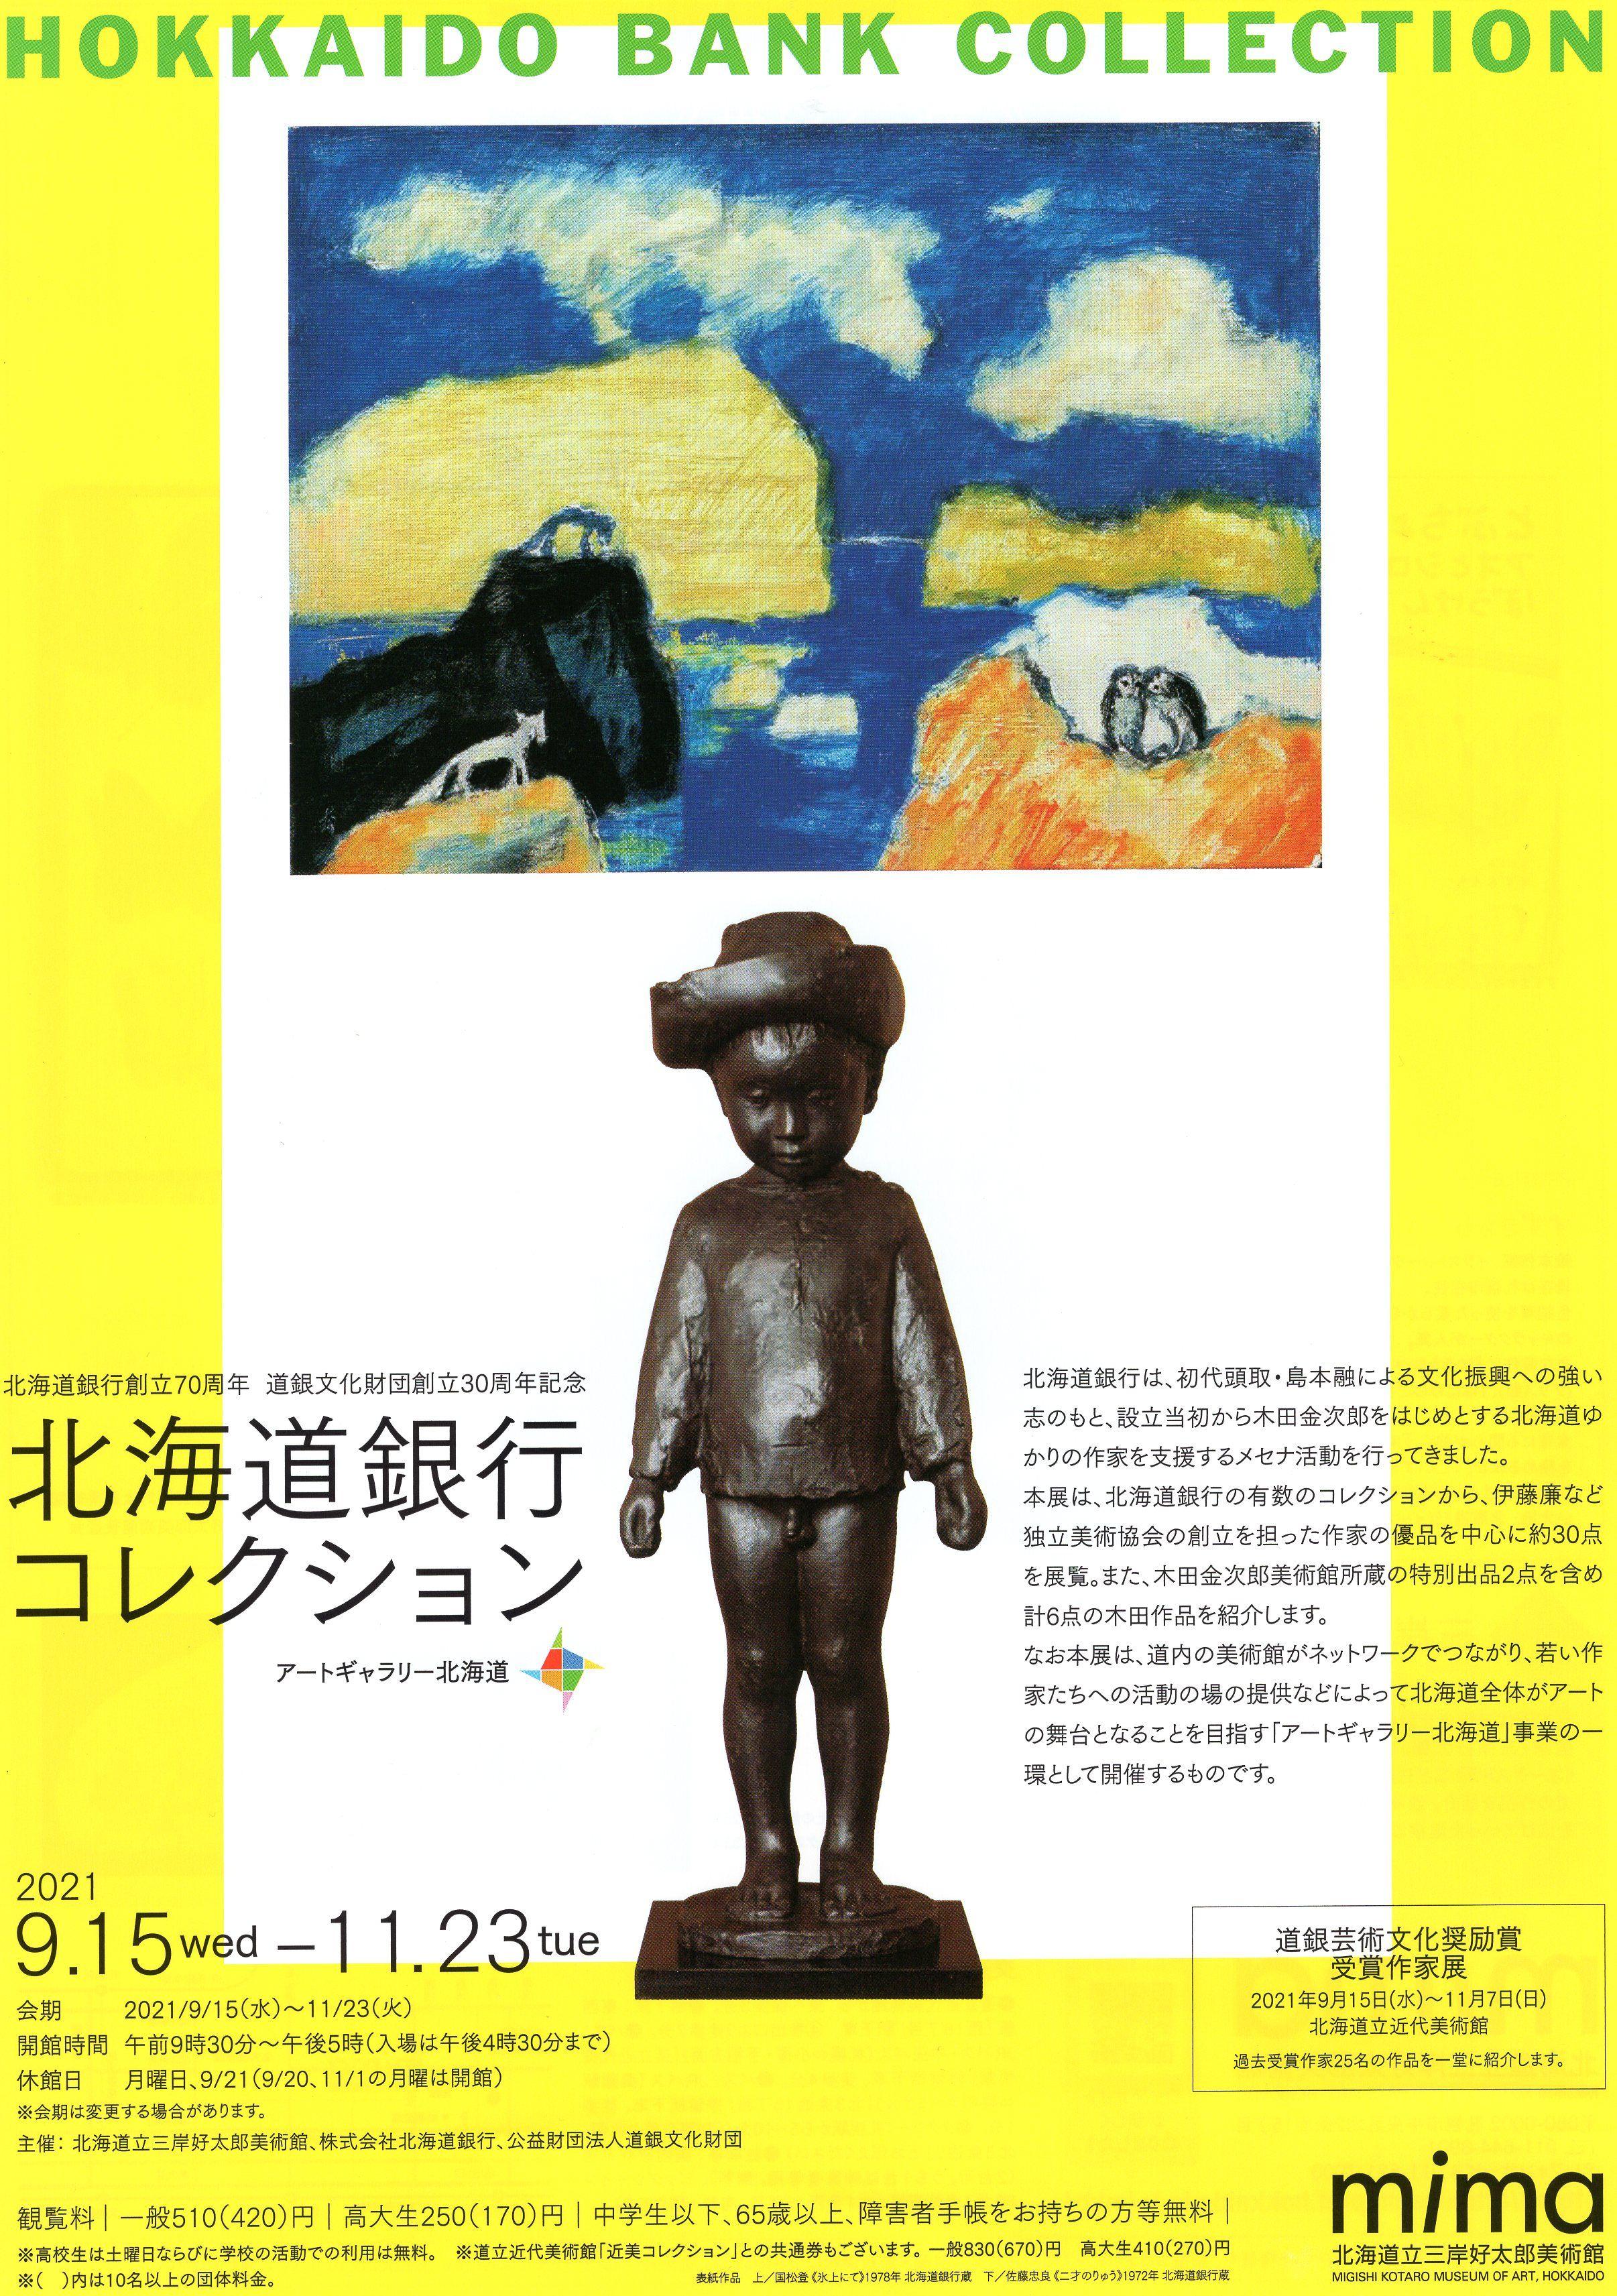 北海道銀行コレクション イメージ画像